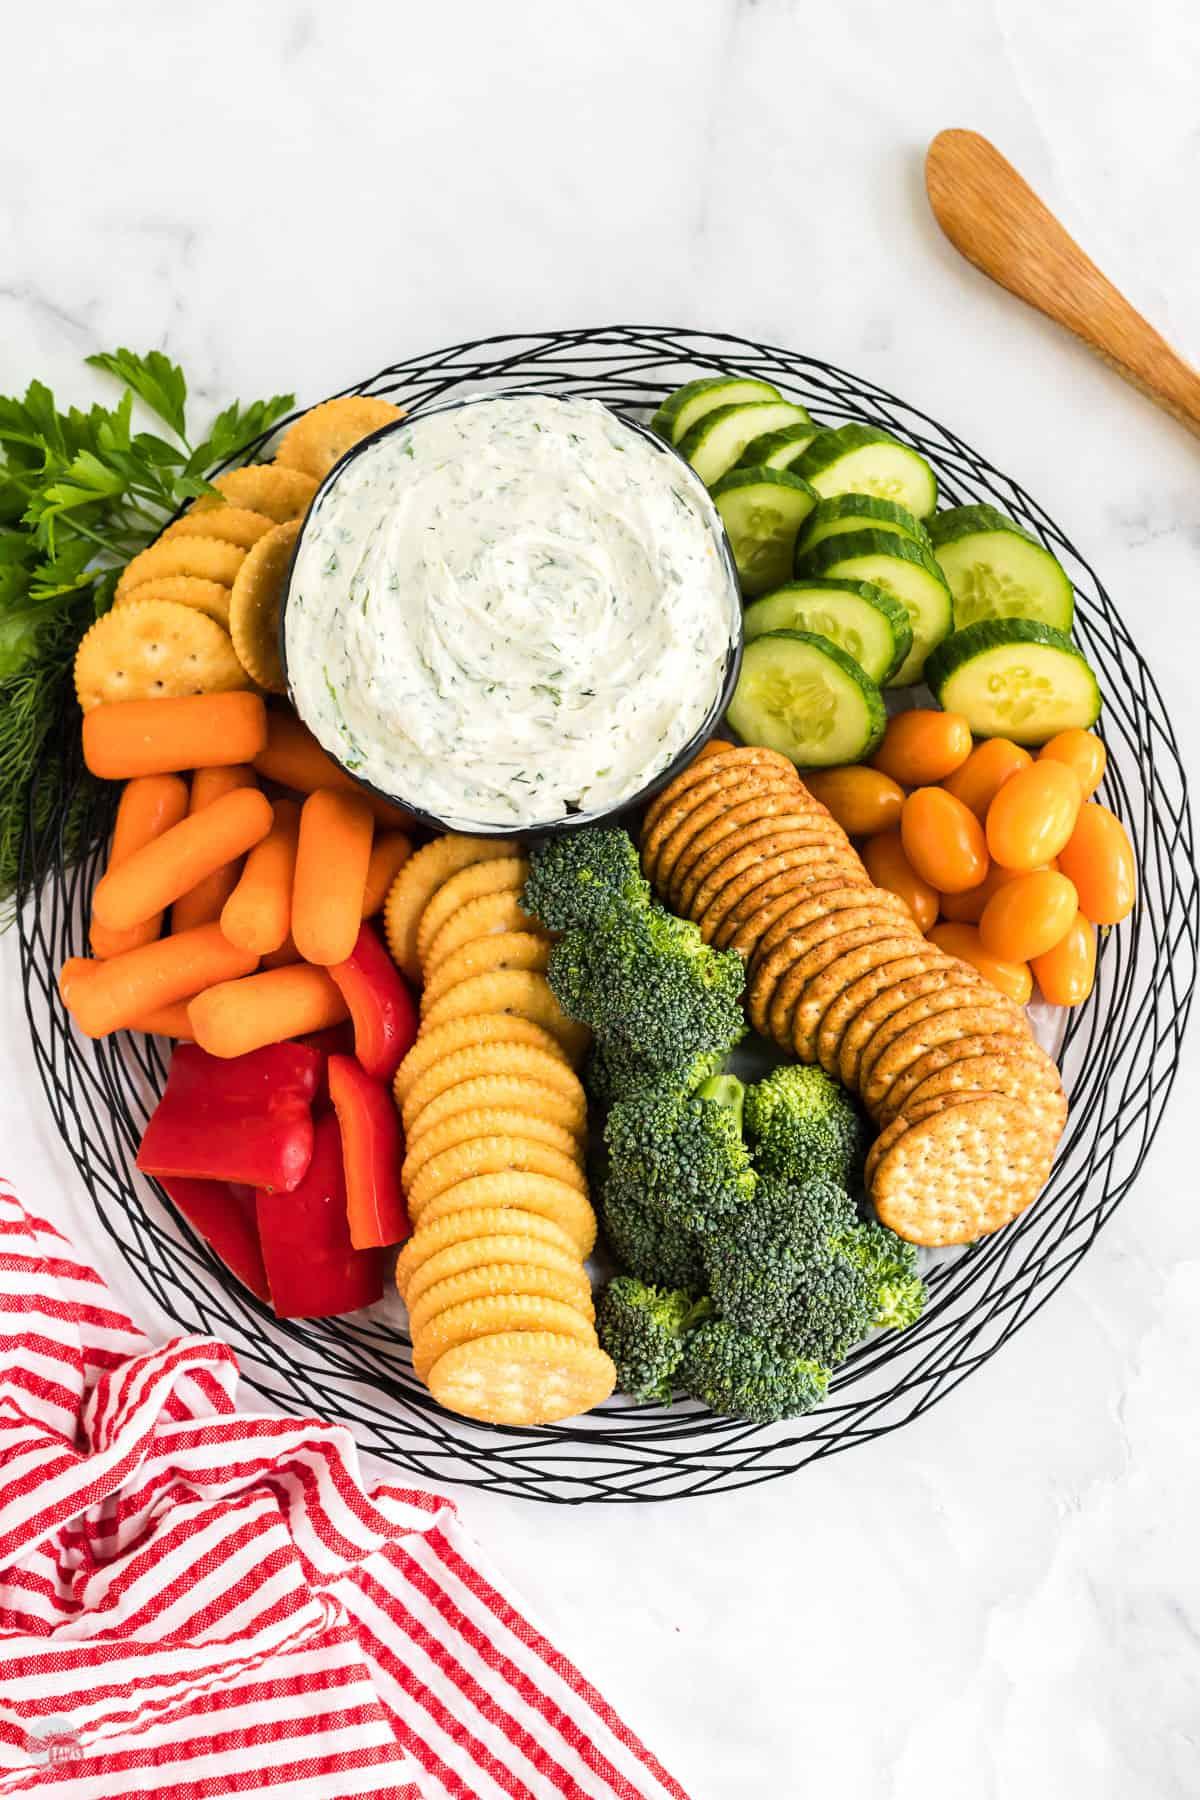 platter of veggies and cream cheese dip